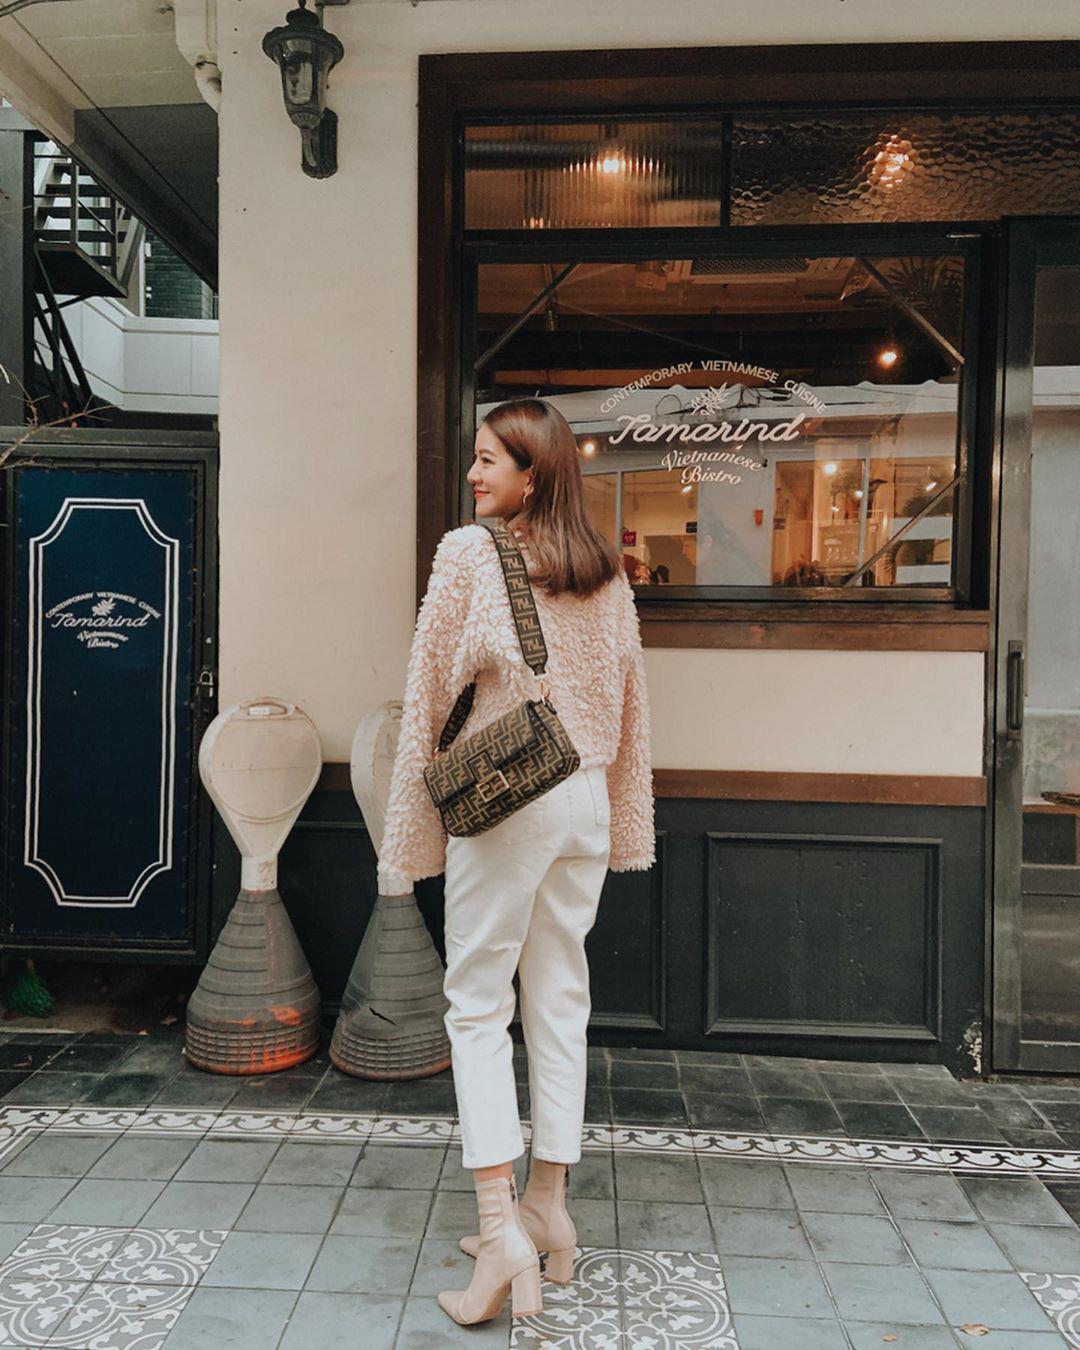 Tết ấm hay lạnh không quan trọng, bạn cứ sắm những món sau thì thời tiết ra sao cũng mặc đẹp bất chấp-18